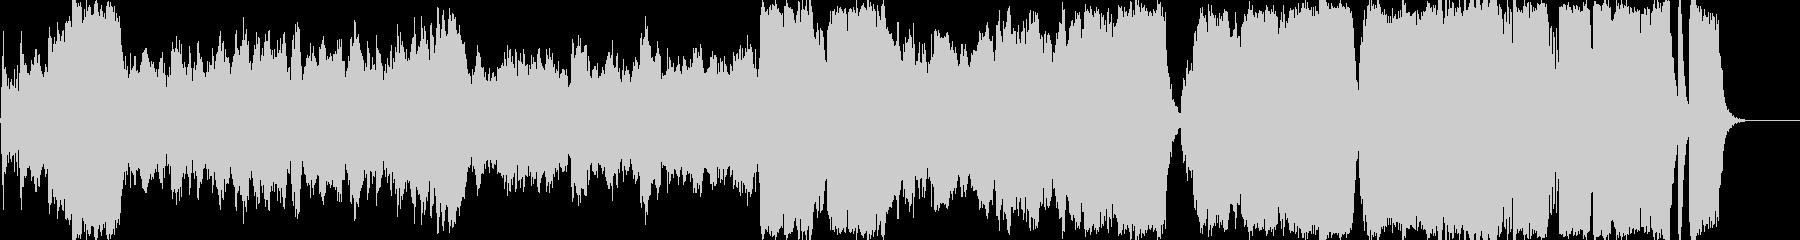 ファンタジー ゲーム オーケストラ お城の未再生の波形